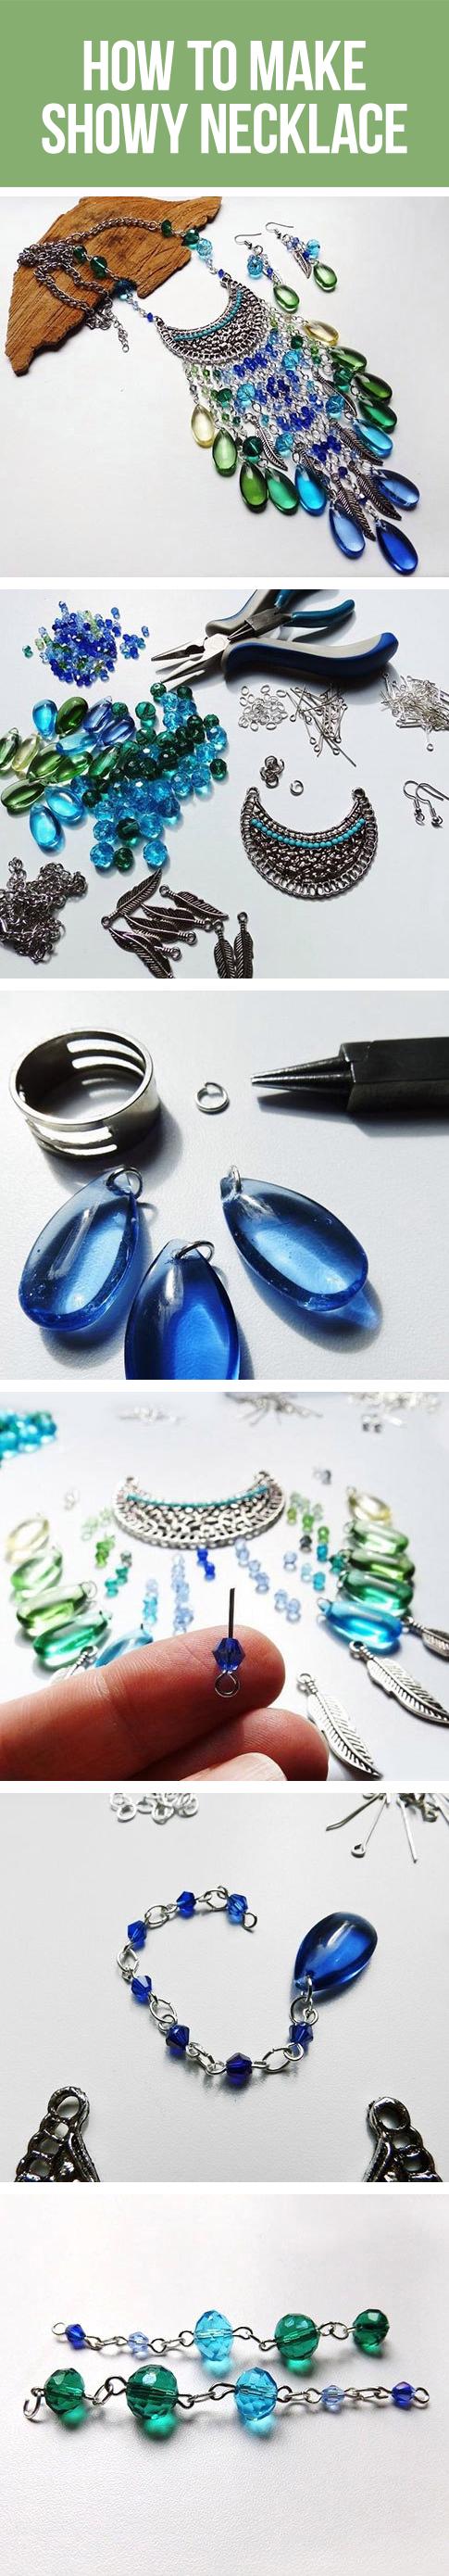 How to make showy necklace / Делаем эффектное колье и серьги (сборка украшений)